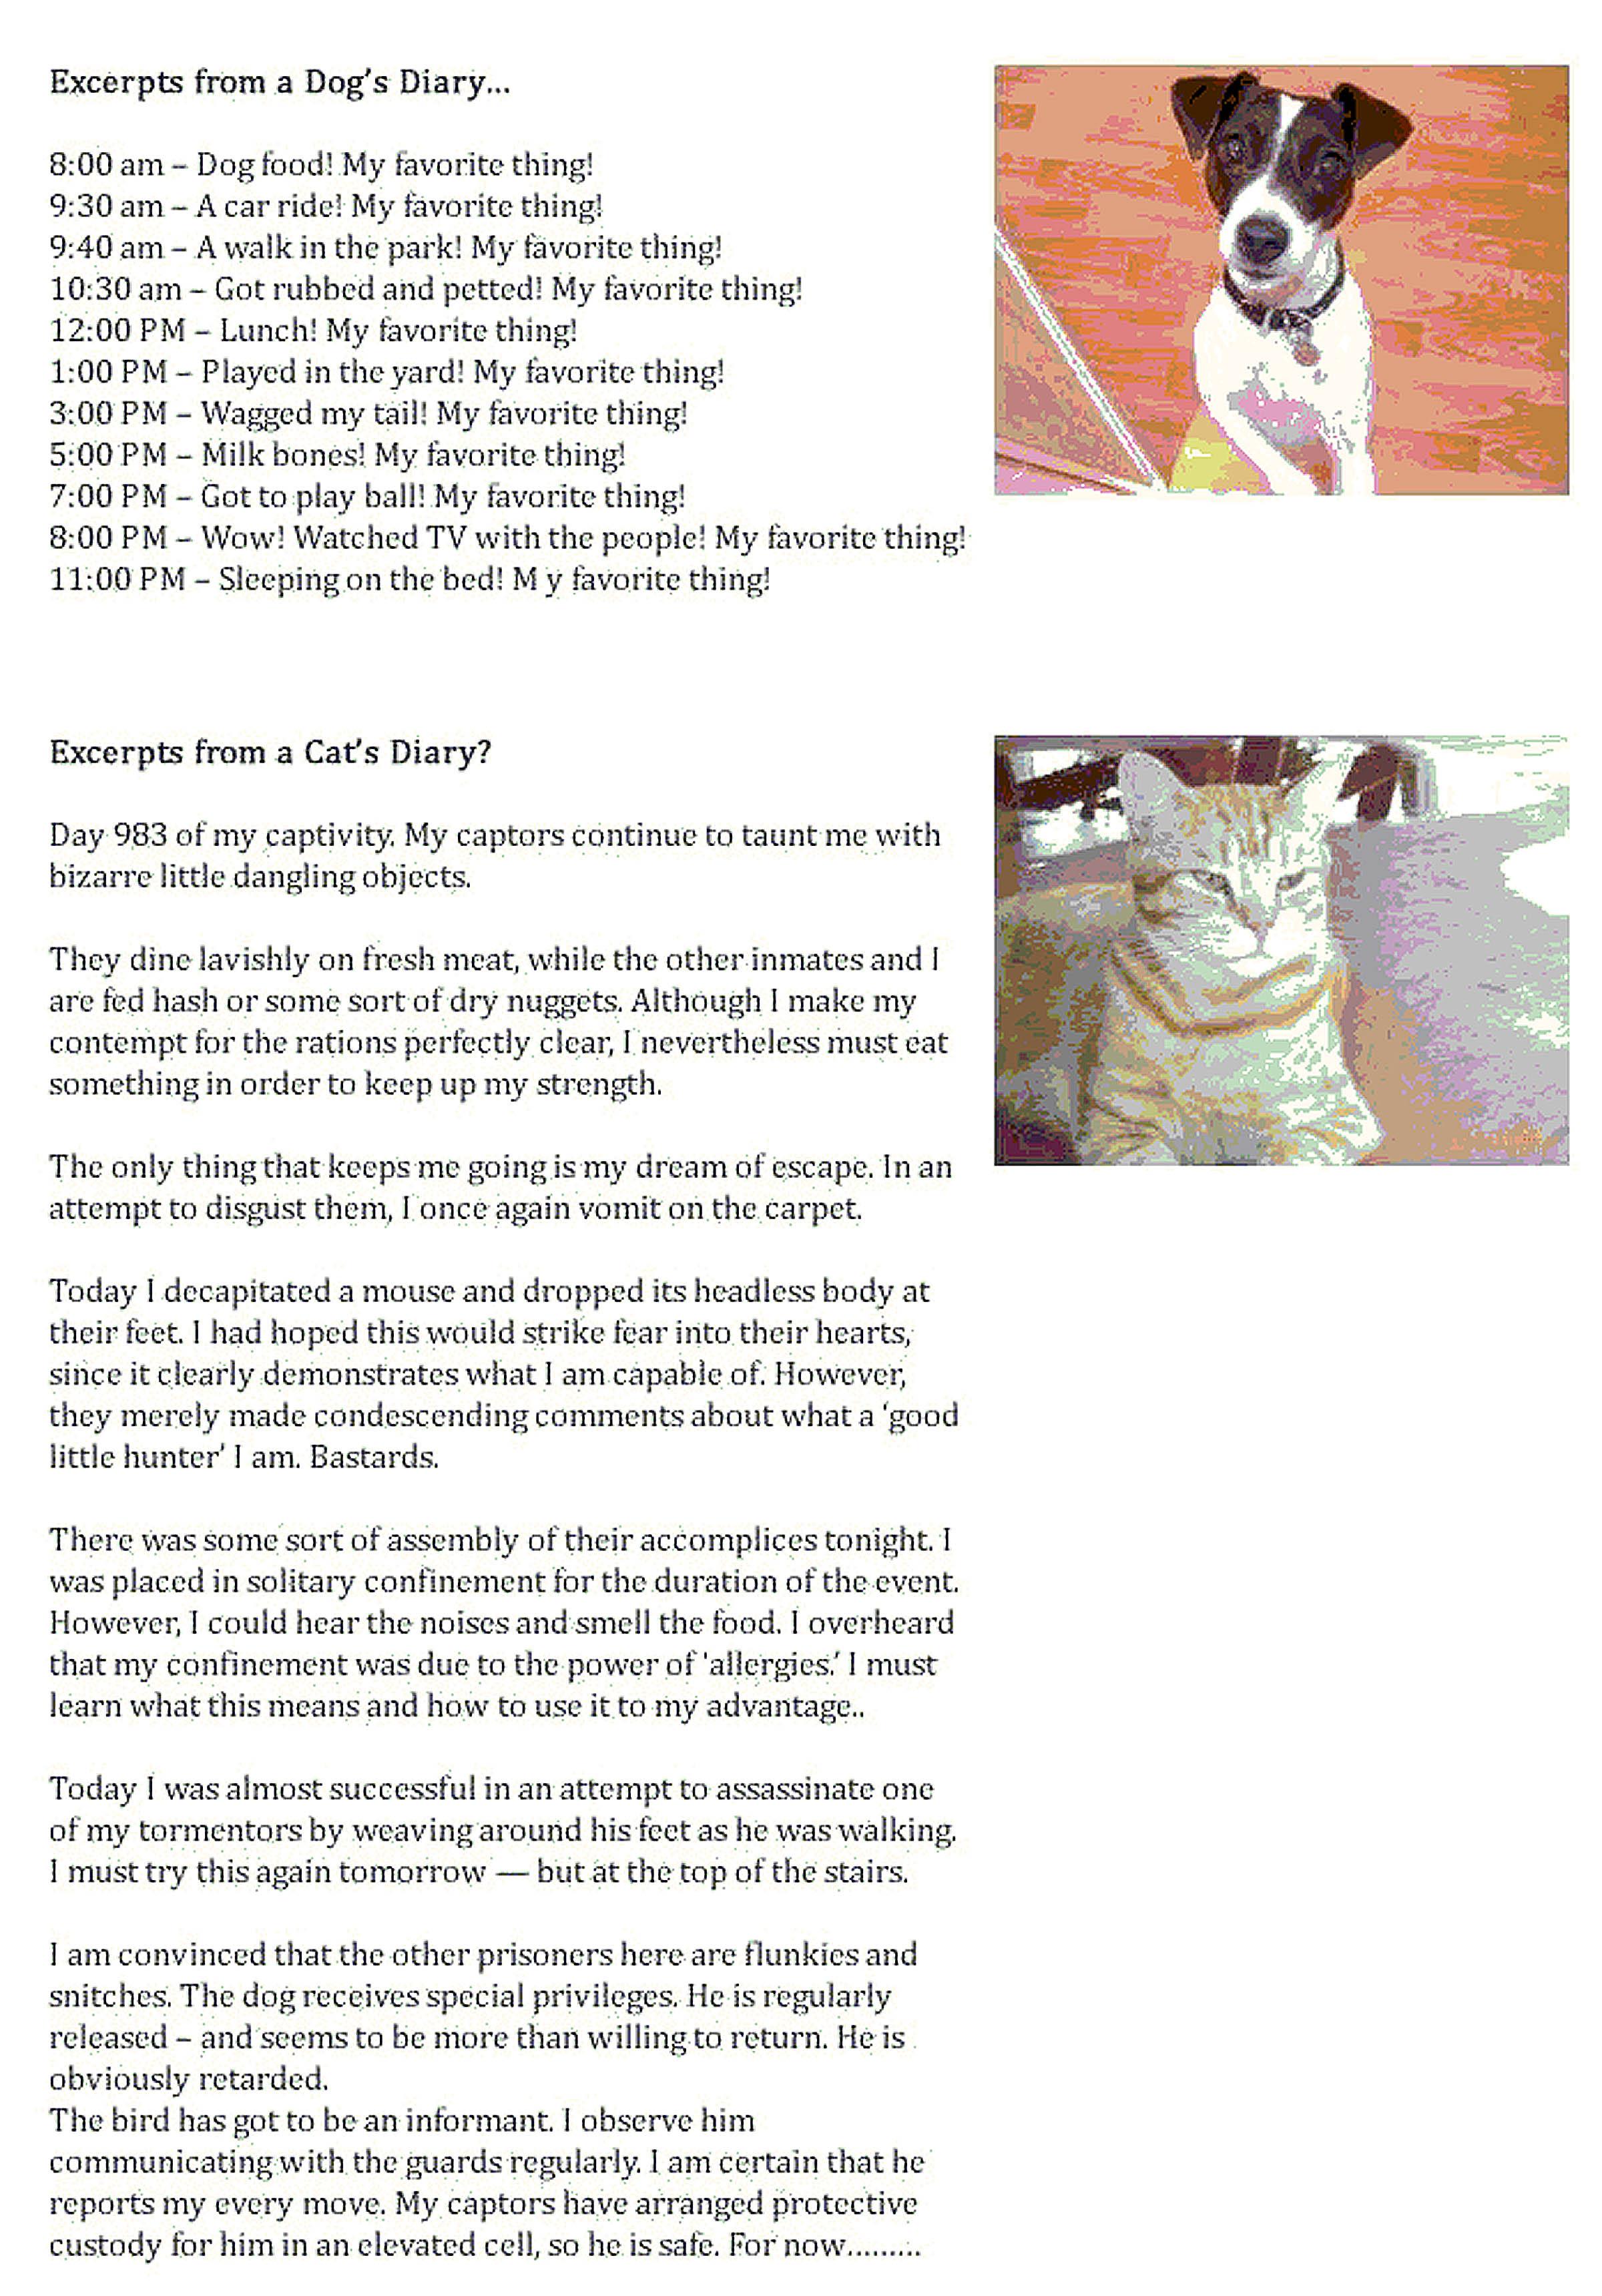 Cat Diary Vs Dog Diary Joke